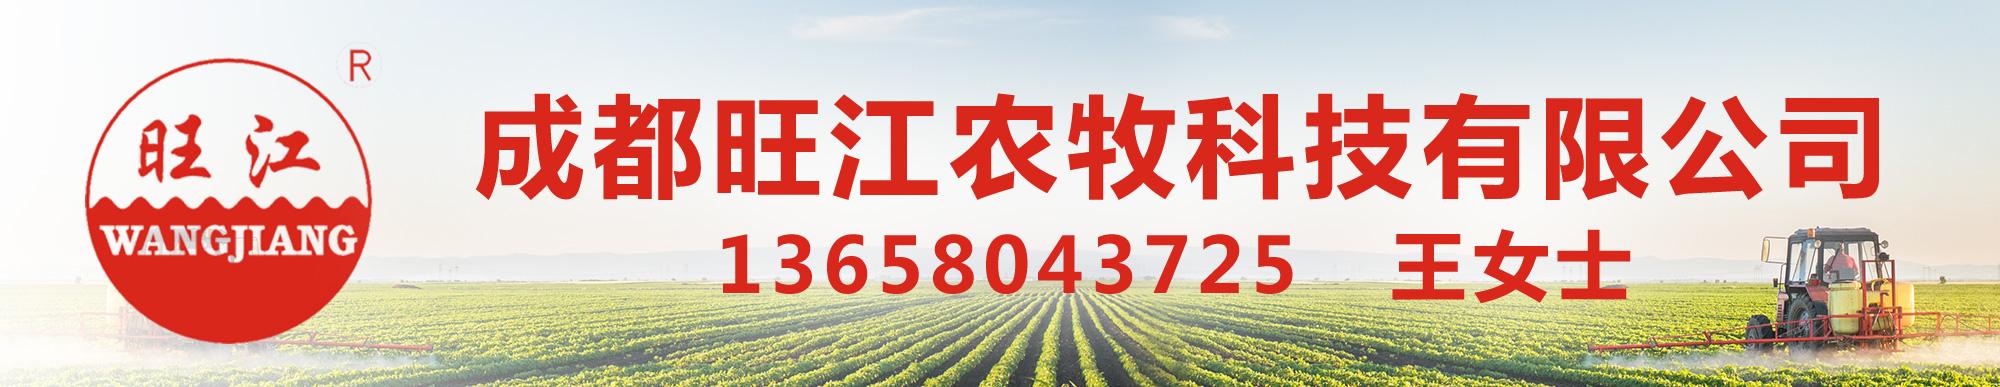 成都旺江�r牧科技有限公司